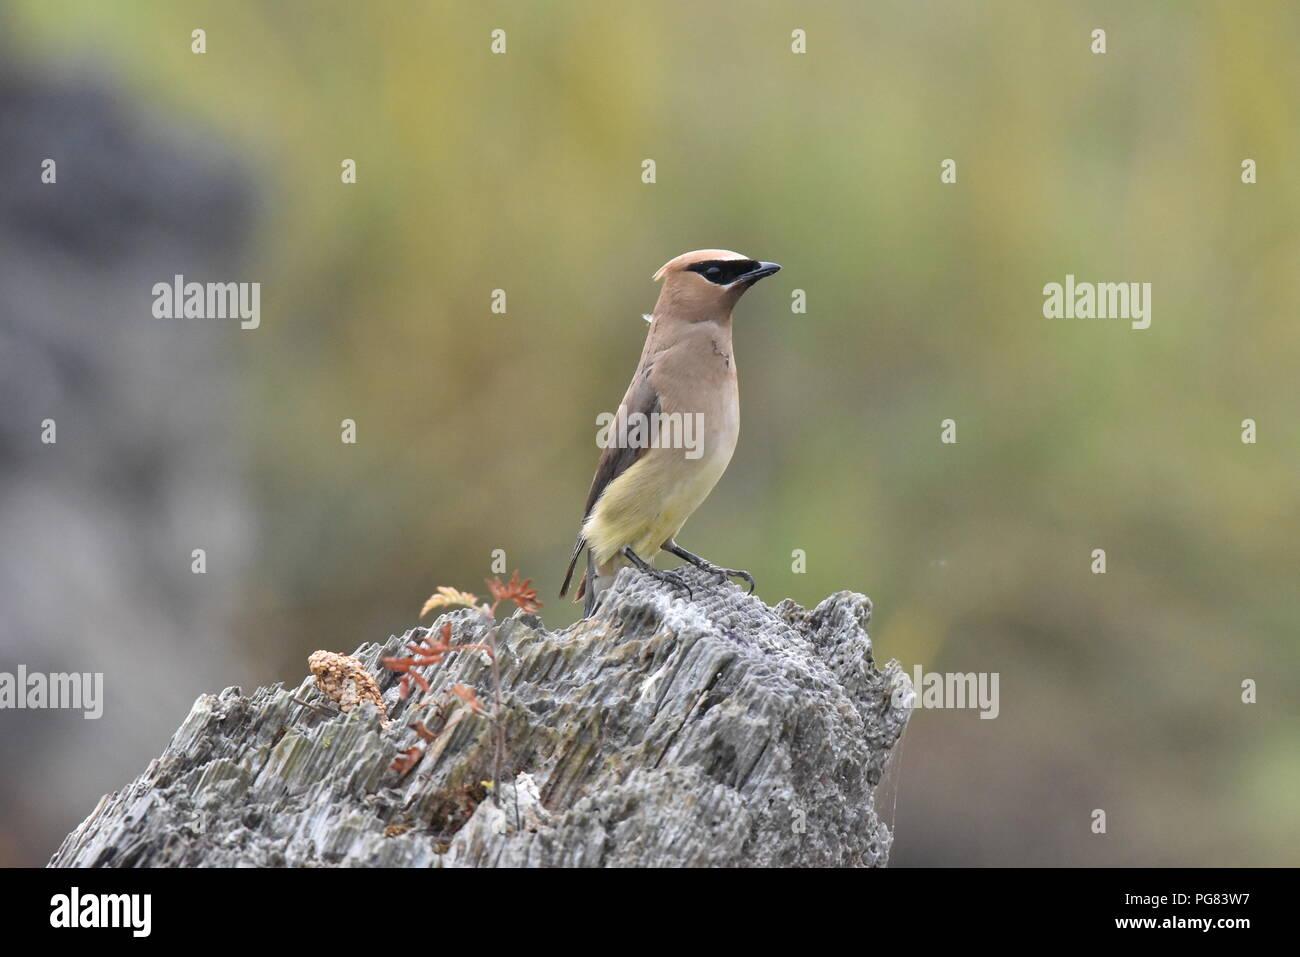 El Cedar Waxwing. El Cedar waxwing es un miembro de la familia Bombycillidae o waxwing familia de aves paseriformes. Es de tamaño mediano, predominantemente de color marrón, Imagen De Stock